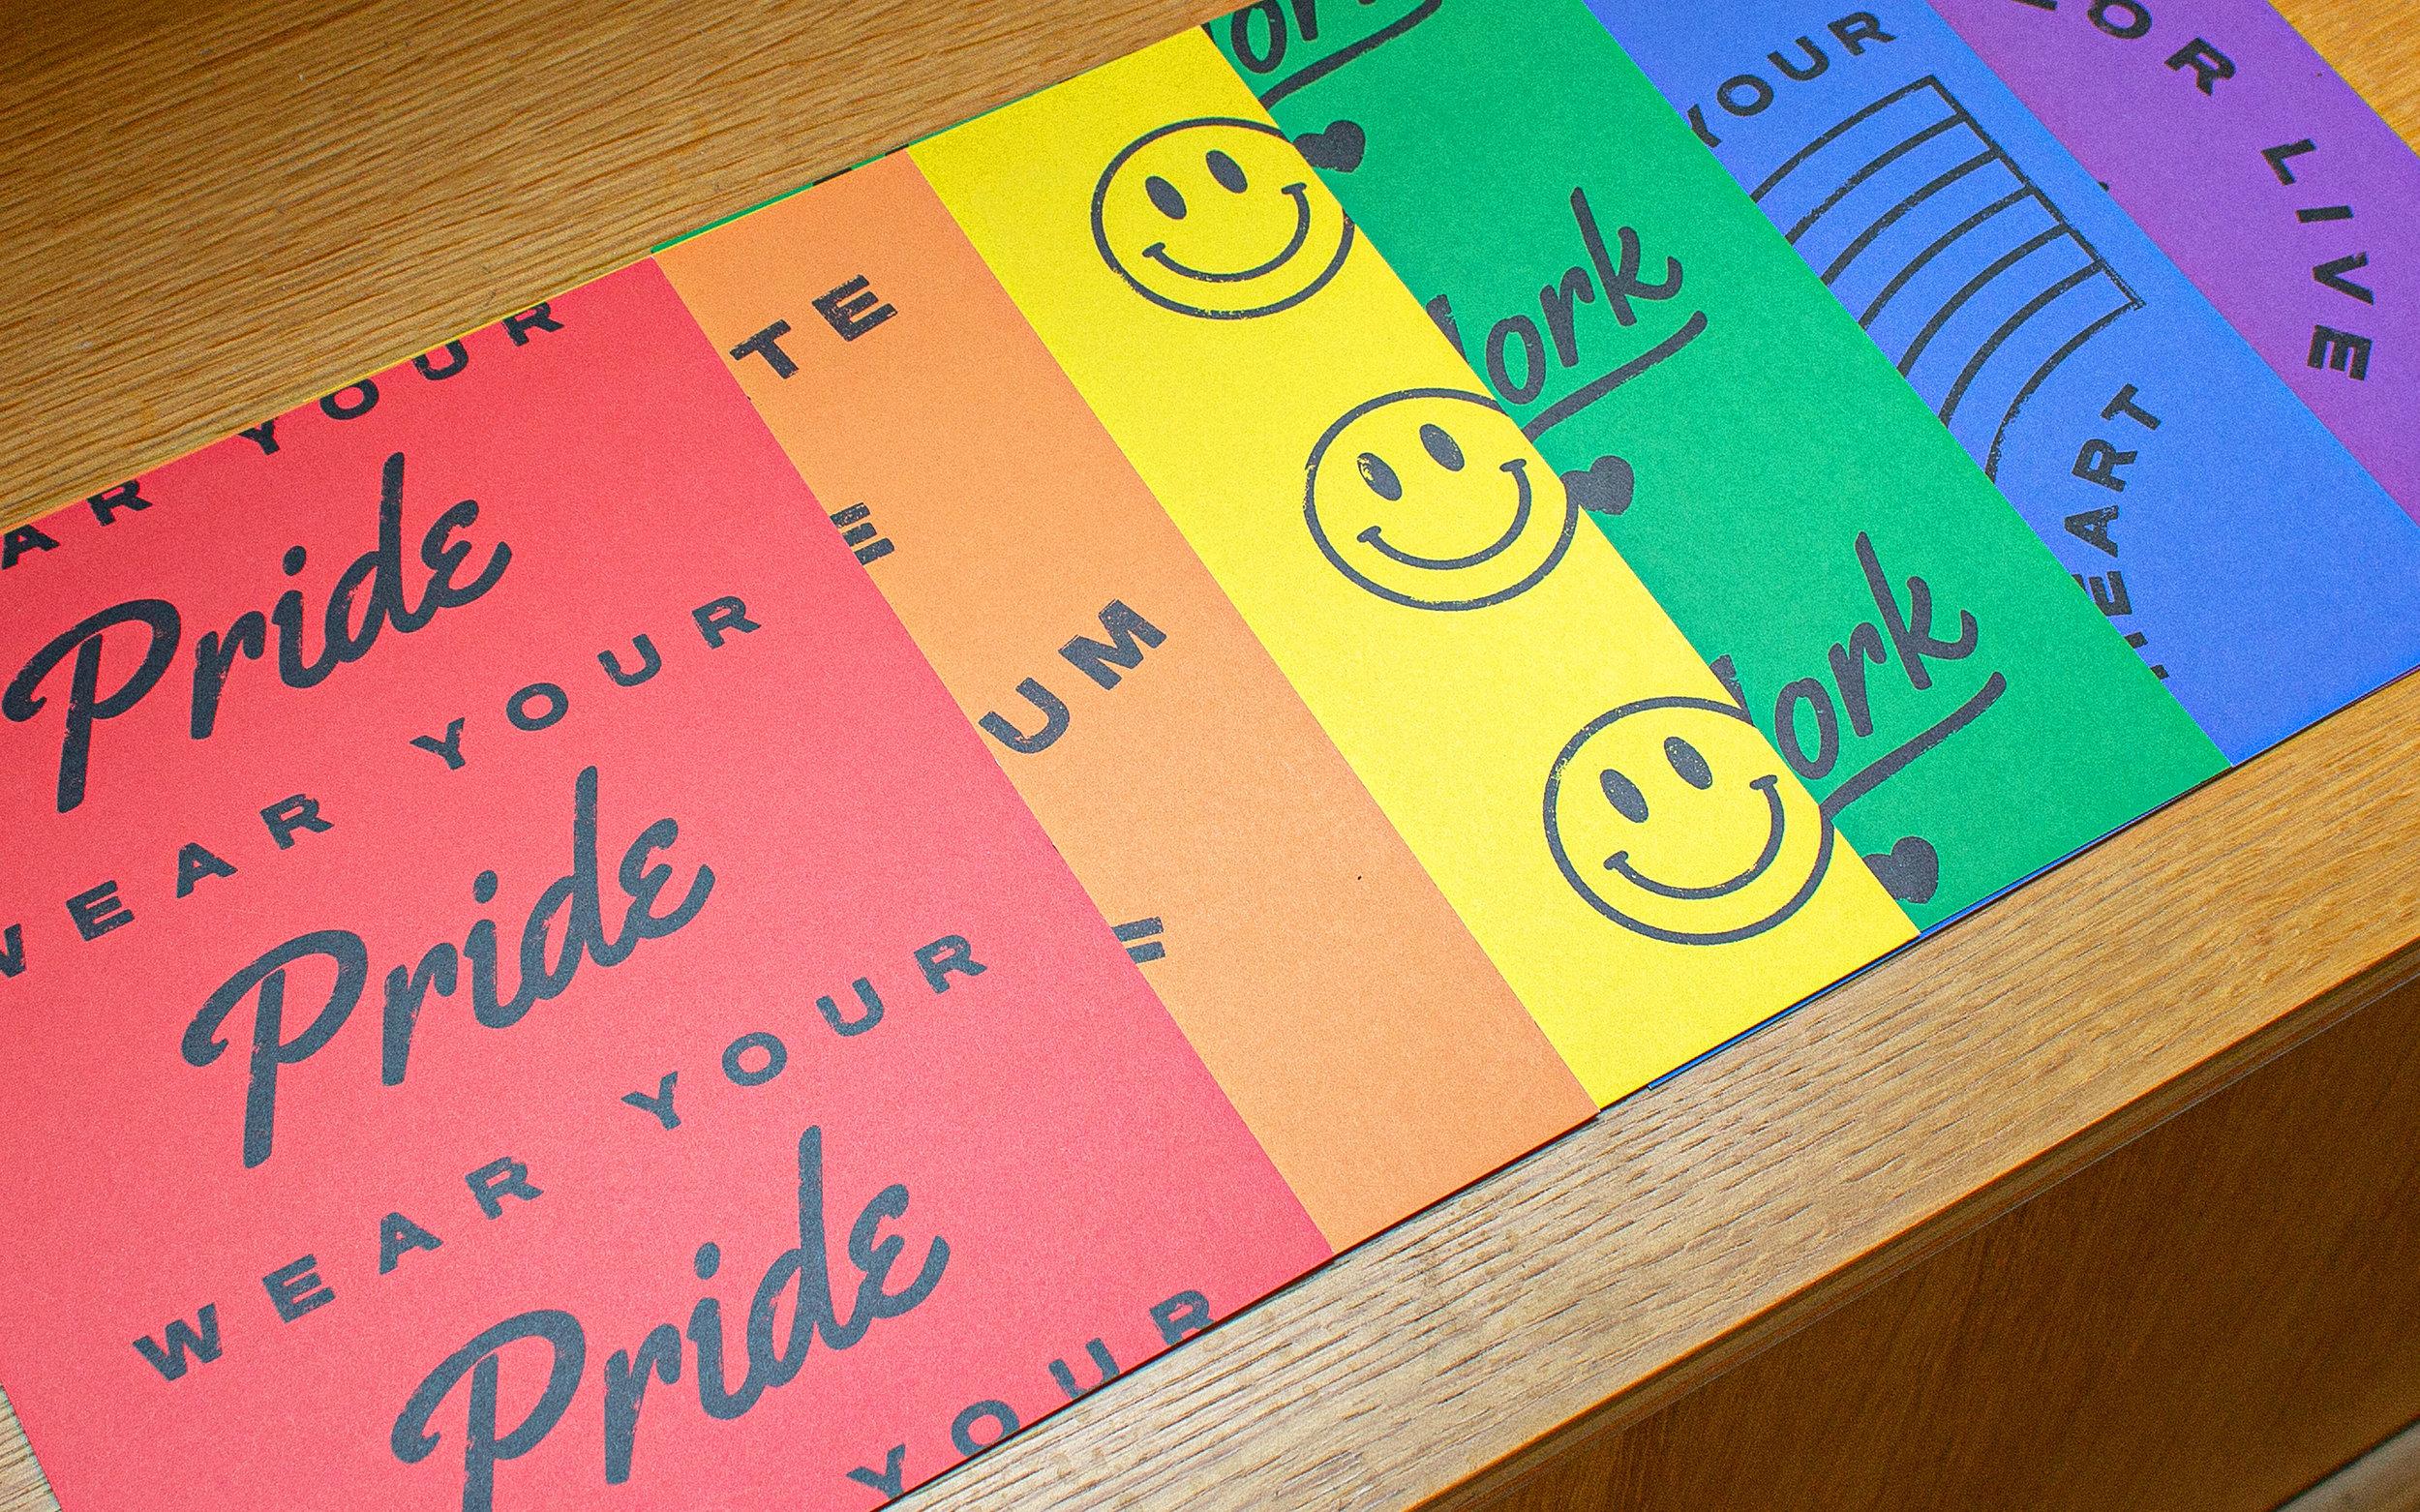 Pride_posters4.jpg